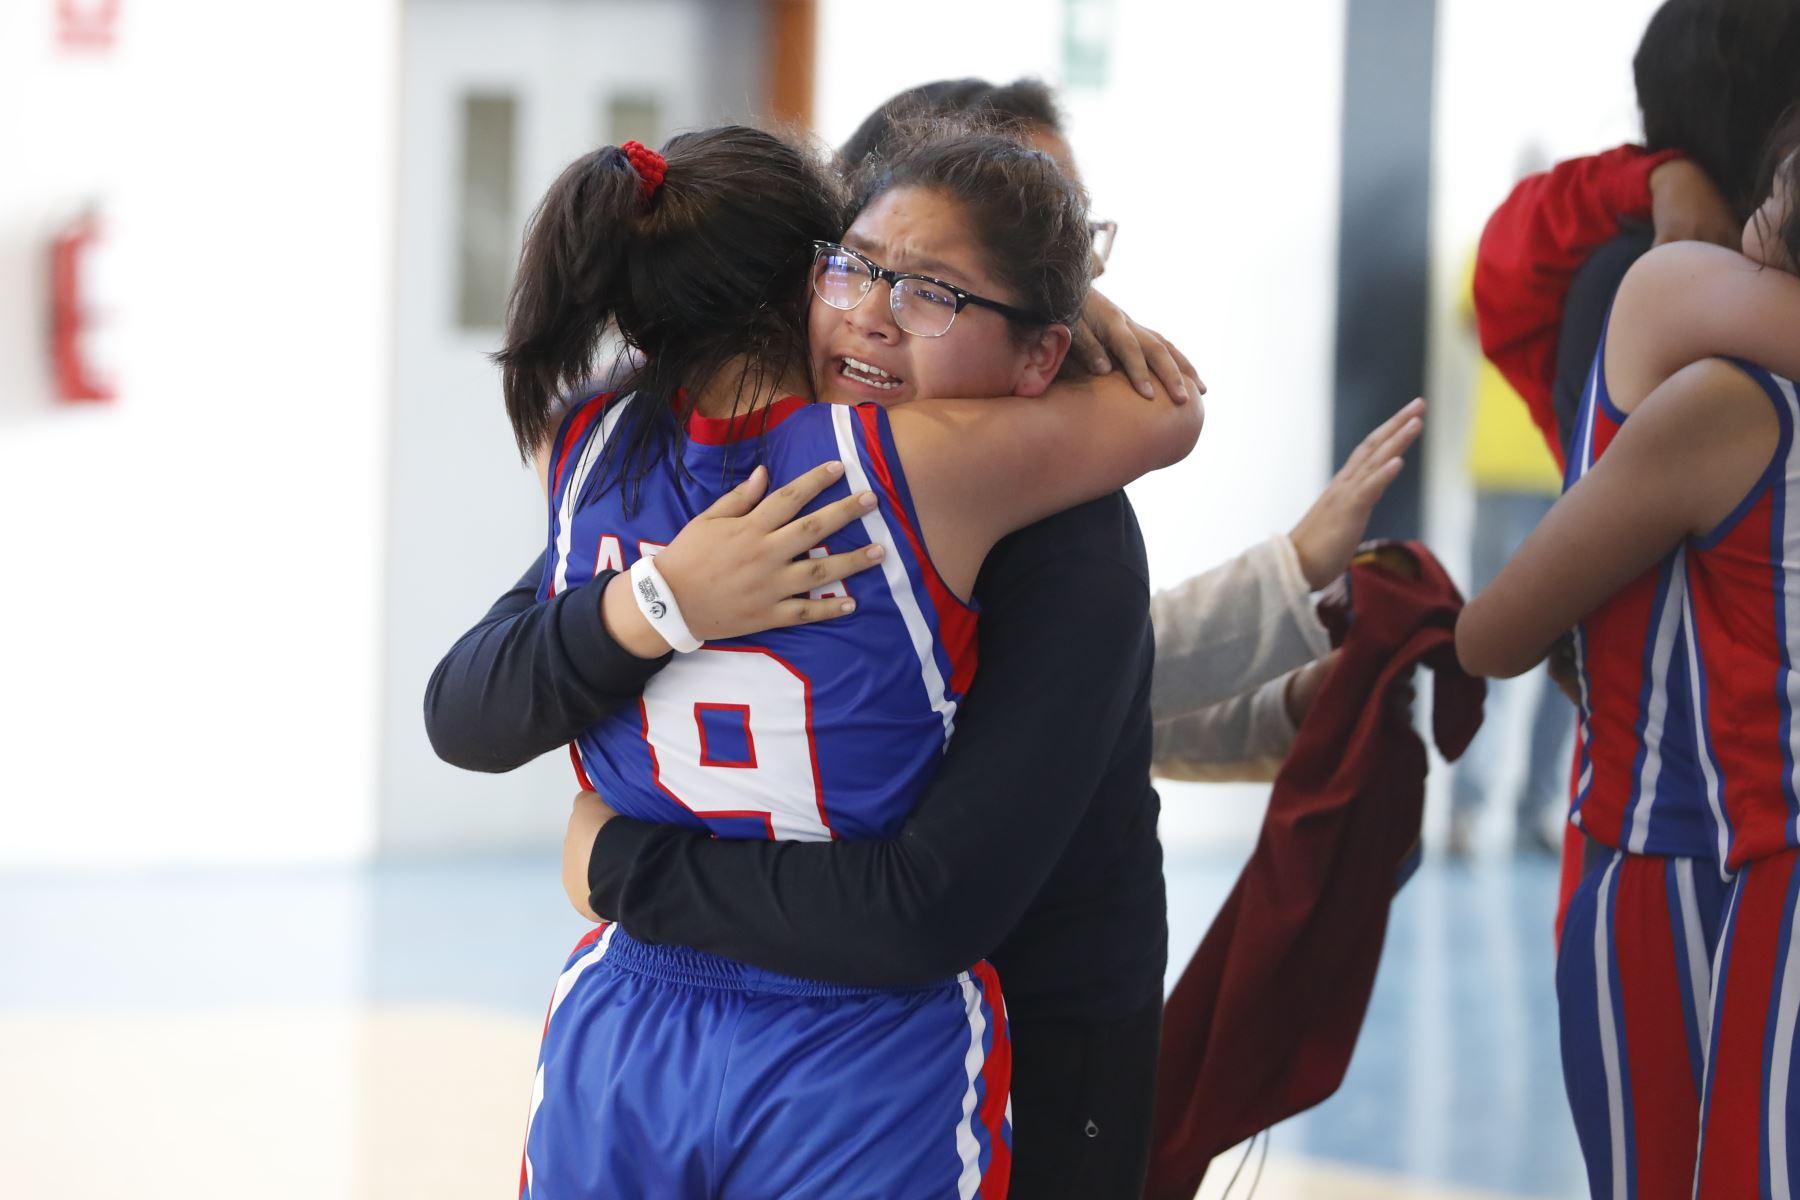 Colegio Padre Damian de Arequipa obtuvo la medalla de oro en básquet en los Juegos Deportivos Escolares Nacionales 2019, sede La Recoleta. Foto: ANDINA/Renato Pajuelo